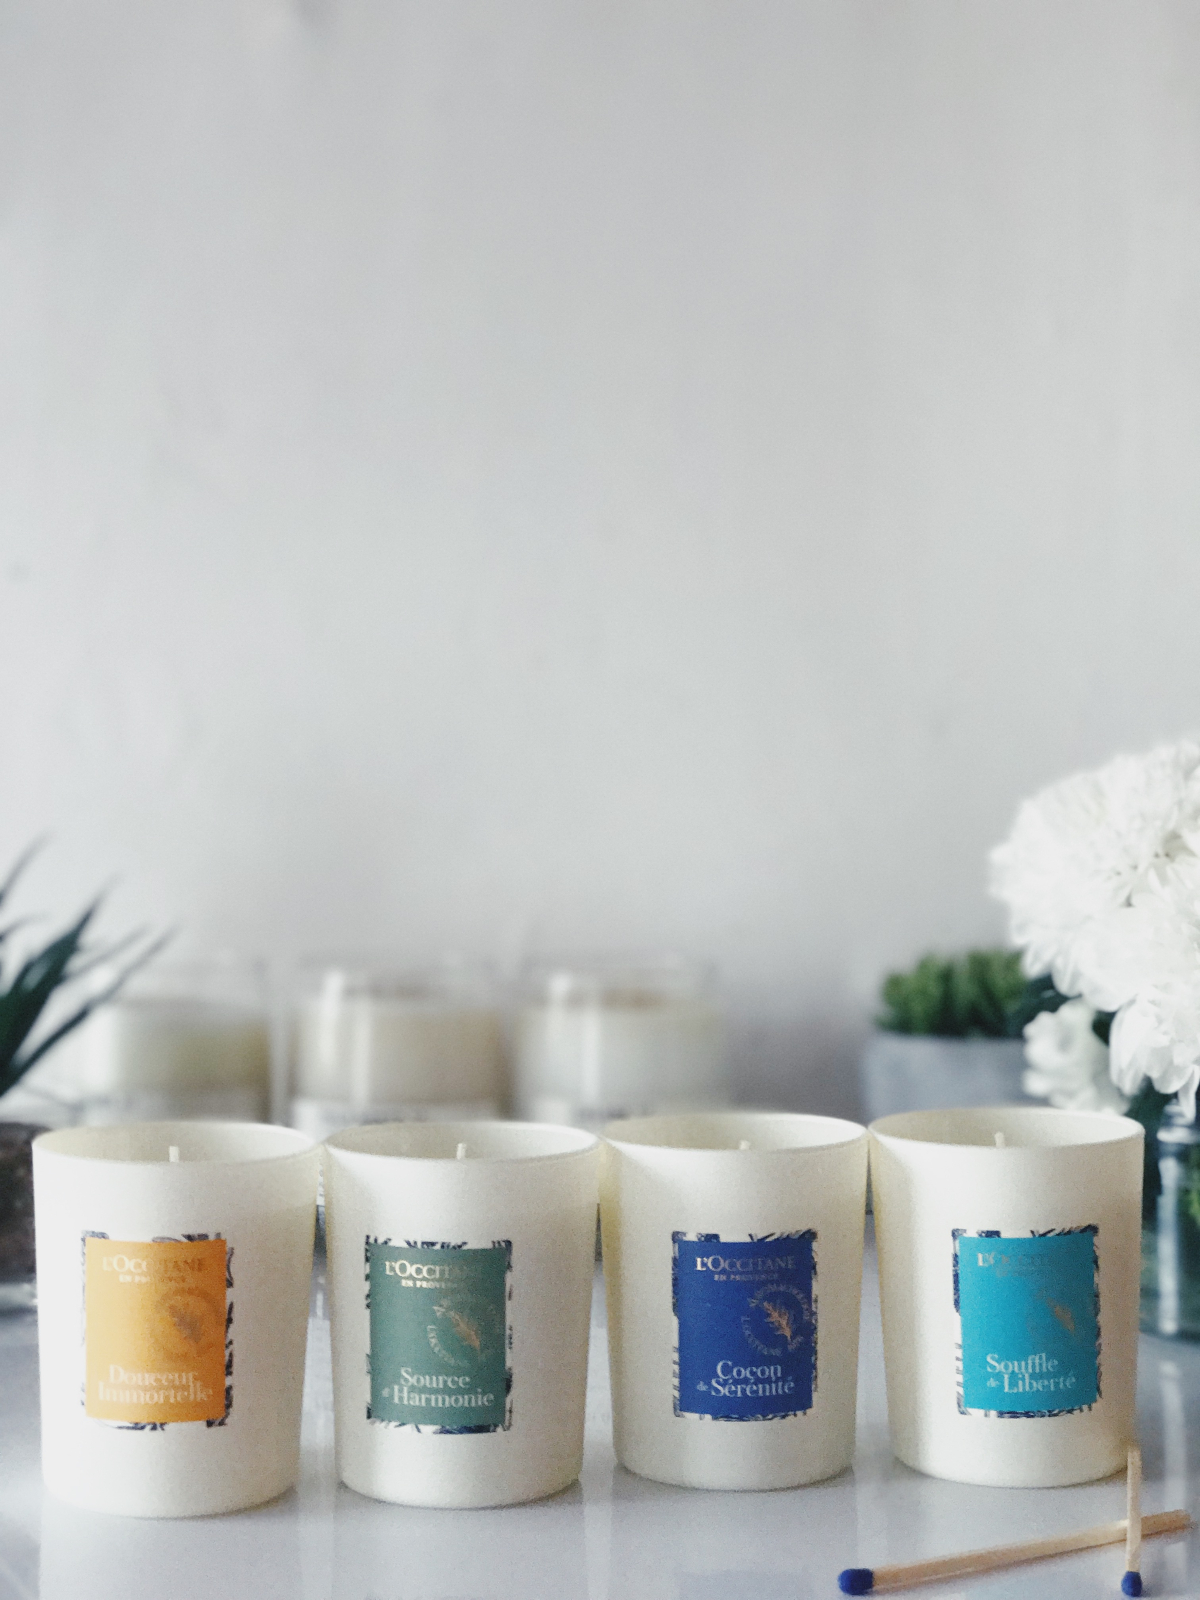 L'Occitane Art de Vivre Candles